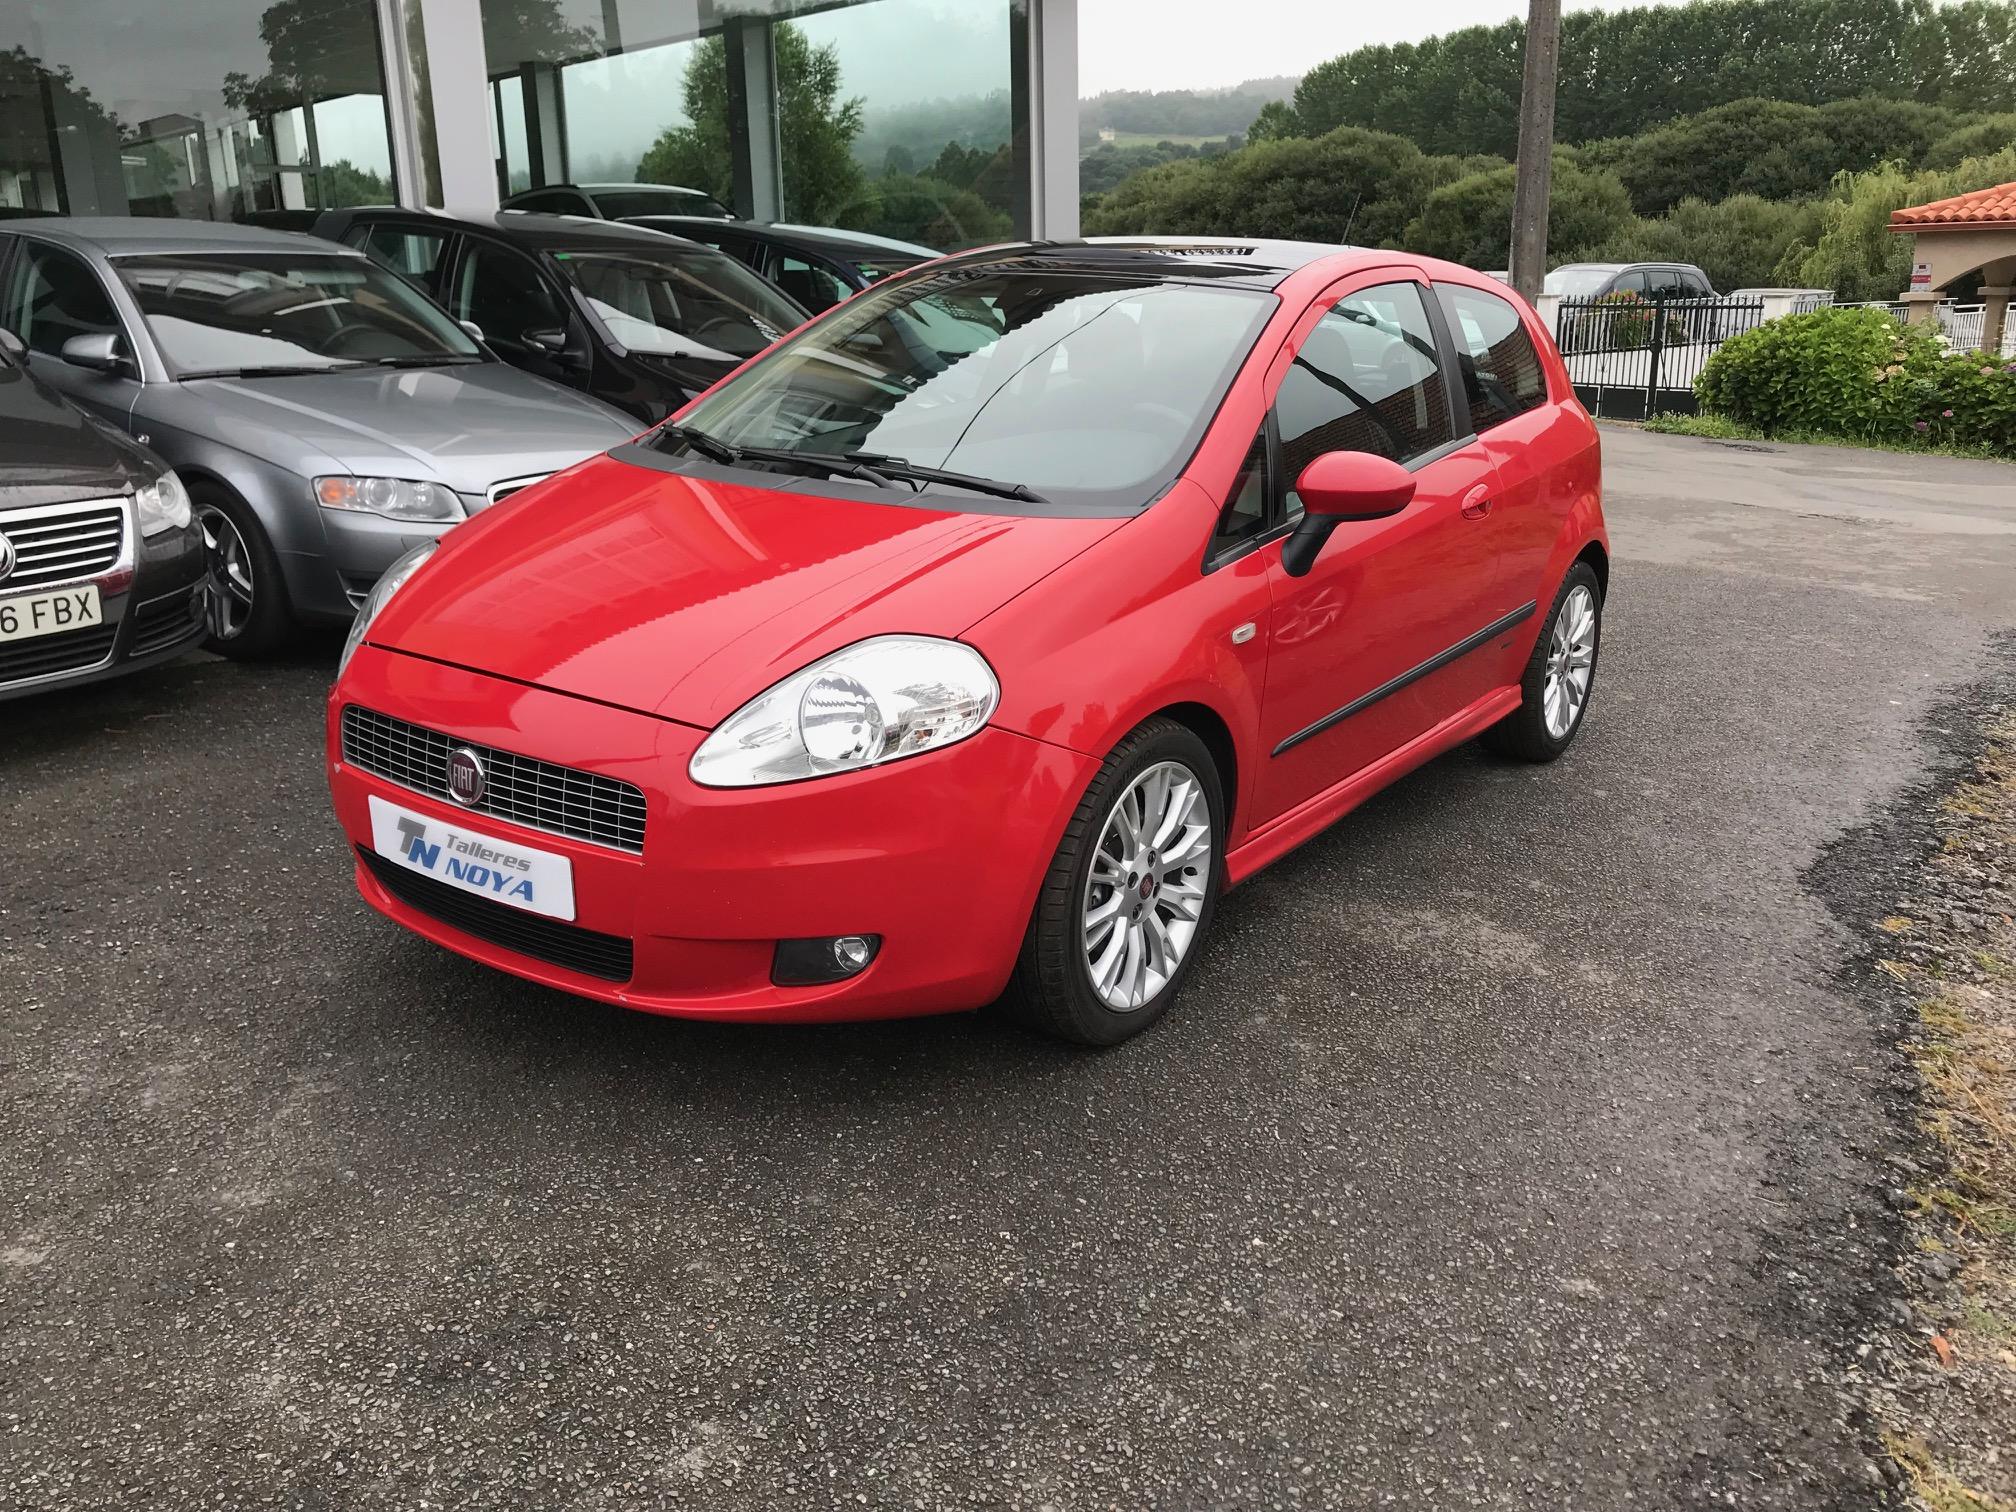 Fiat Grande Punto 1 9 Jtd 130cv